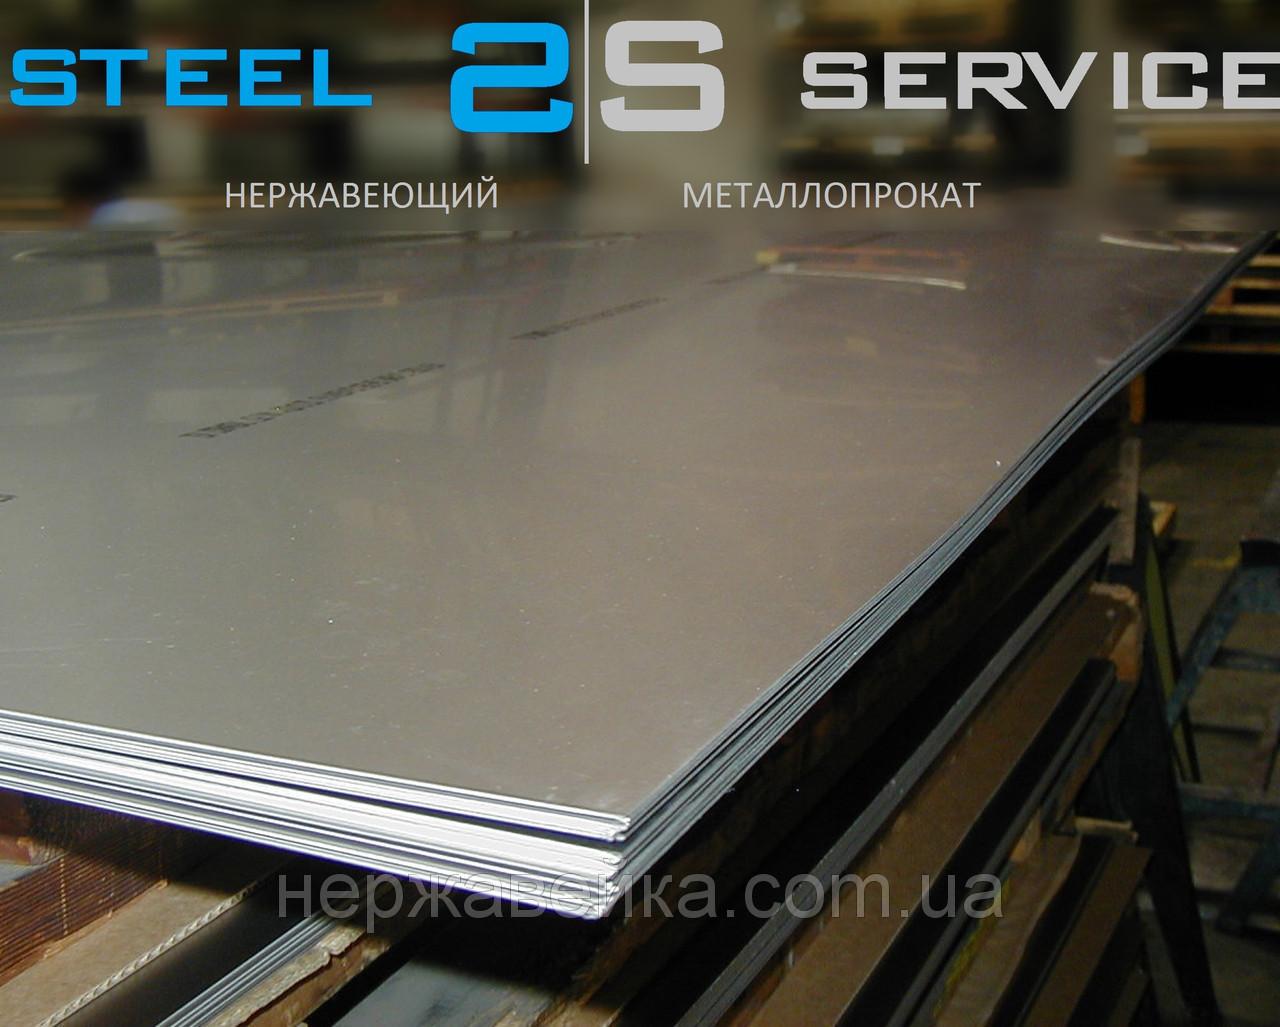 Нержавеющий лист 10х1500х3000мм AISI 410S(08Х13) F1 - горячекатанный, технический